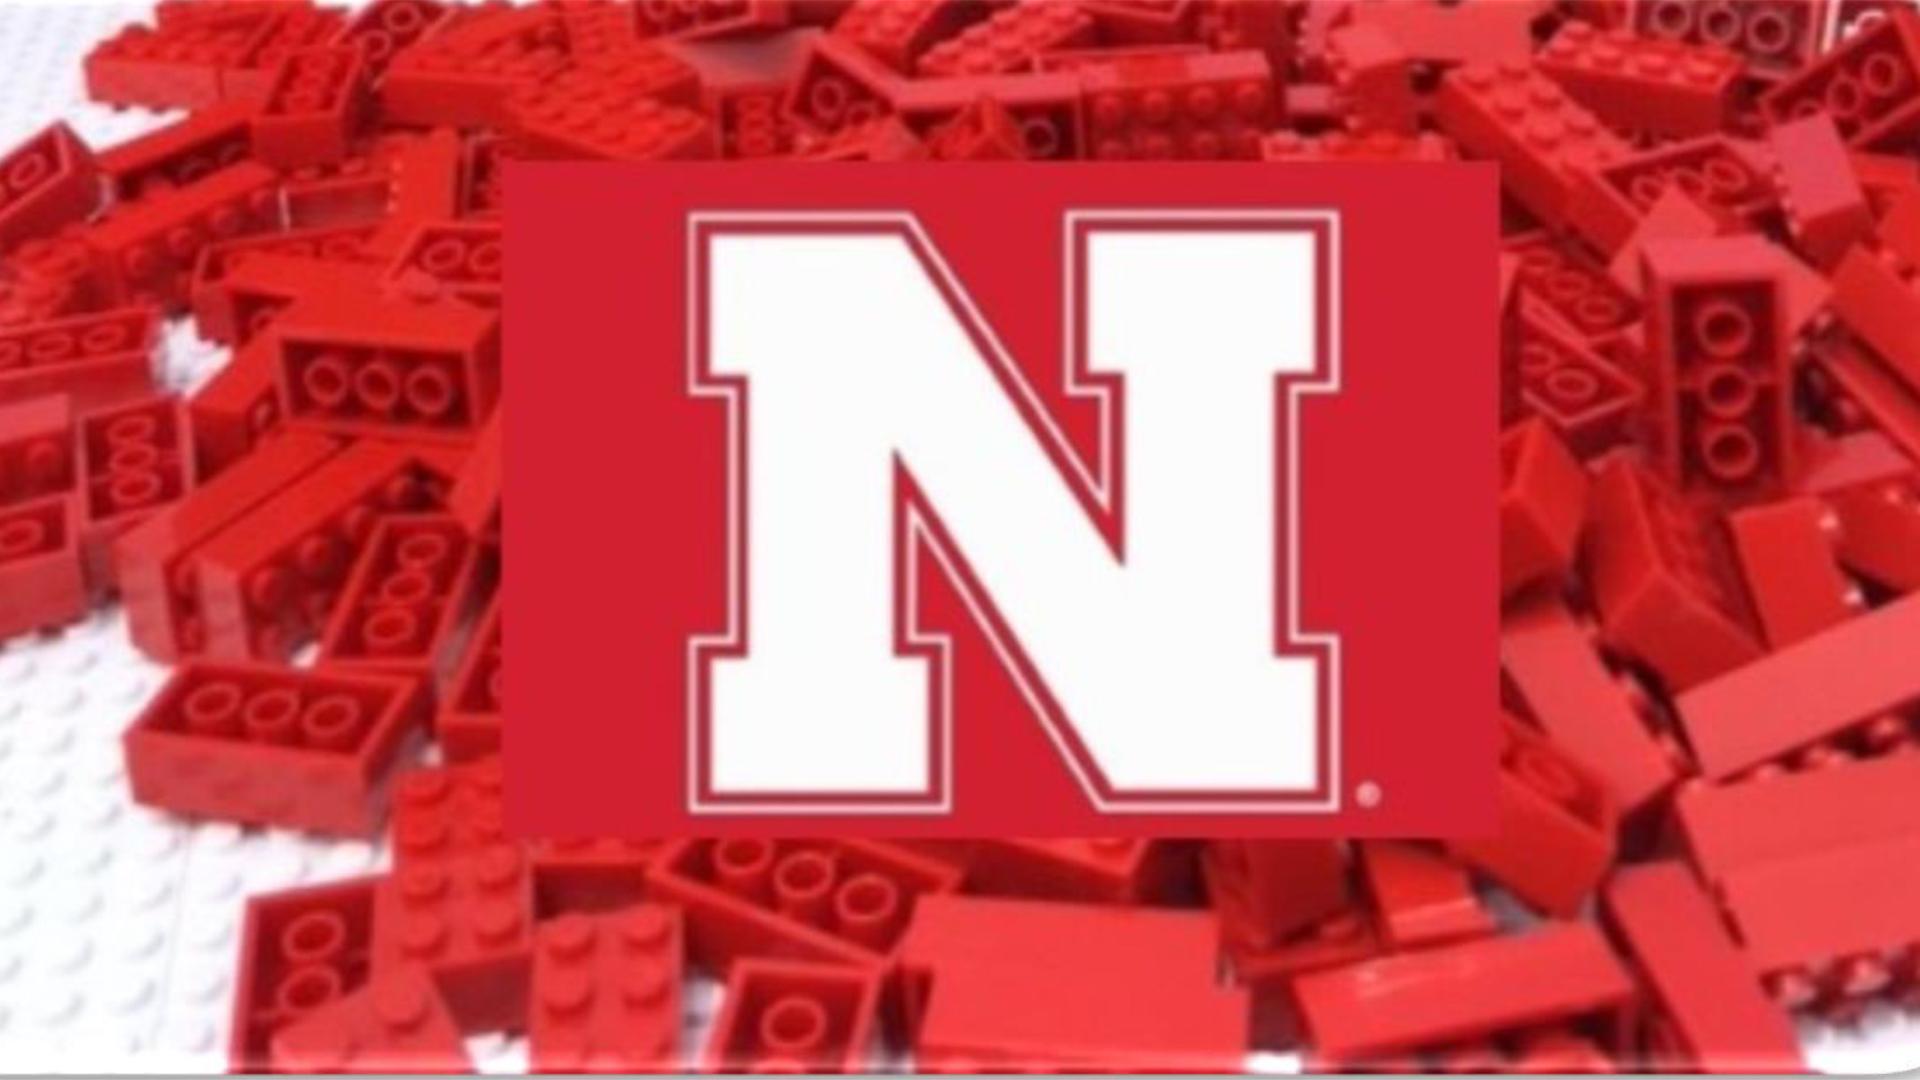 The BIG RED HUSKER LOGO/FLAG logo